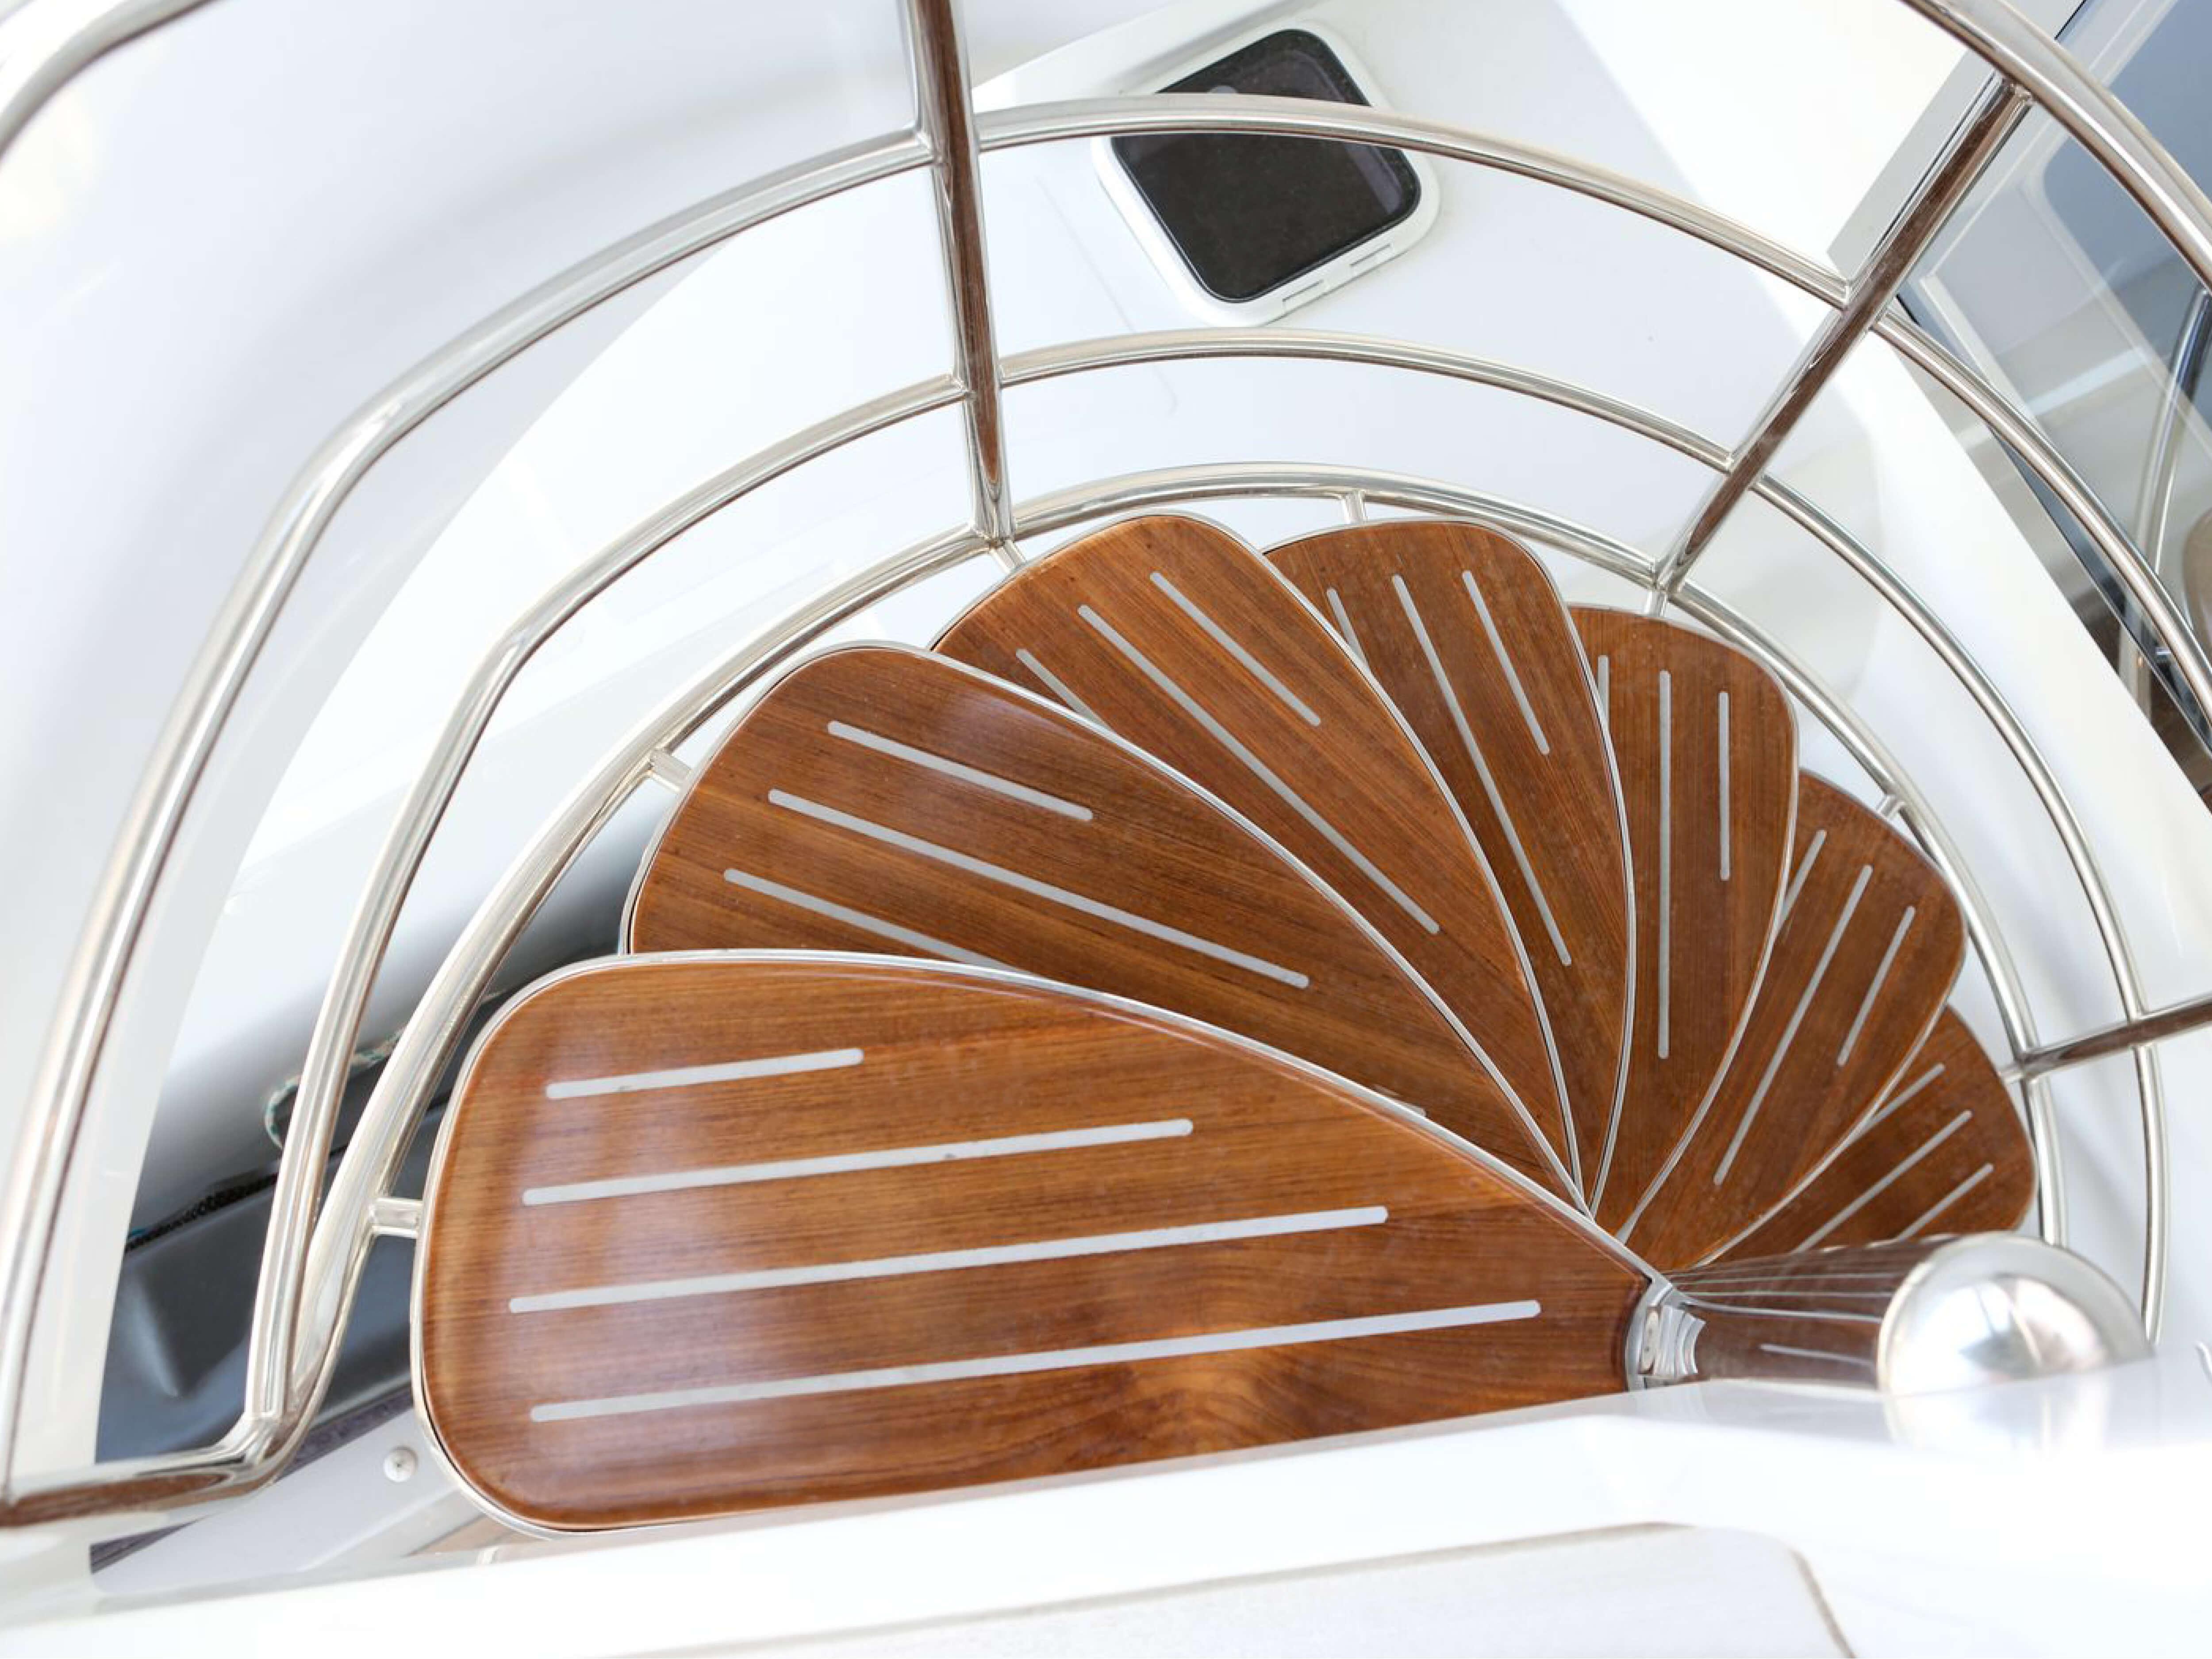 Privilège Serie 740 | Interior view | Privilège